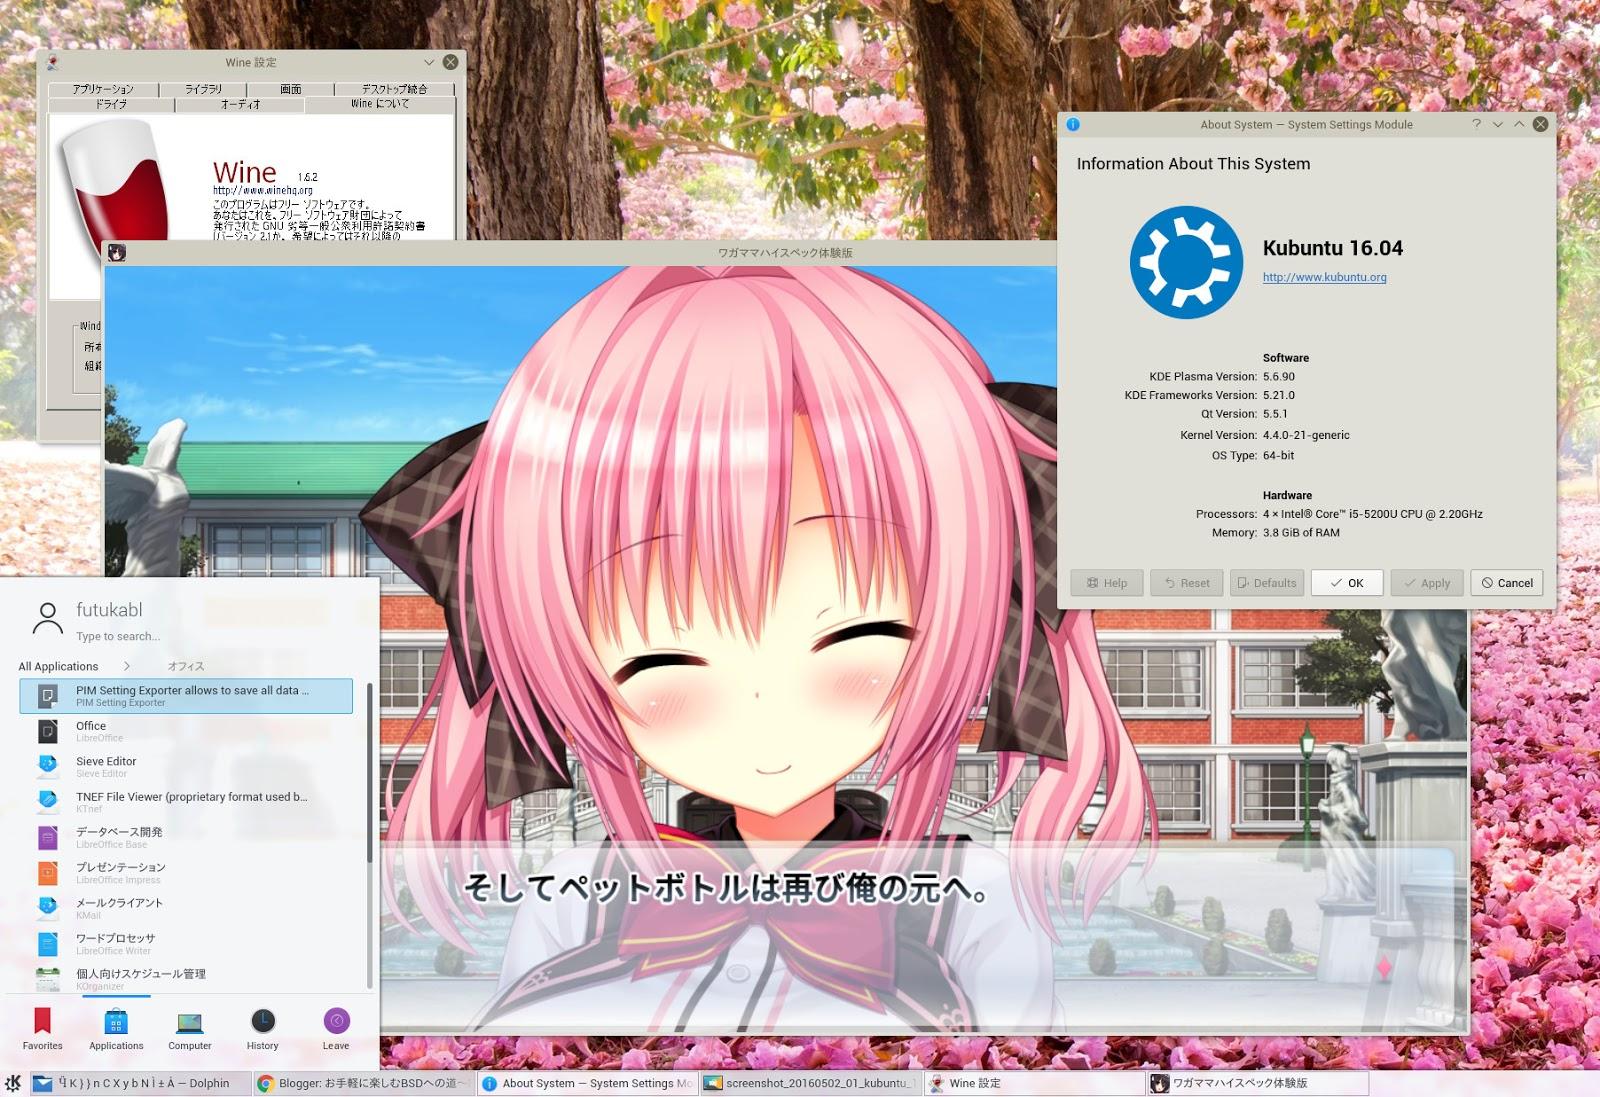 Kubuntu 16.04 〜LinuxでWindowsゲーム〜